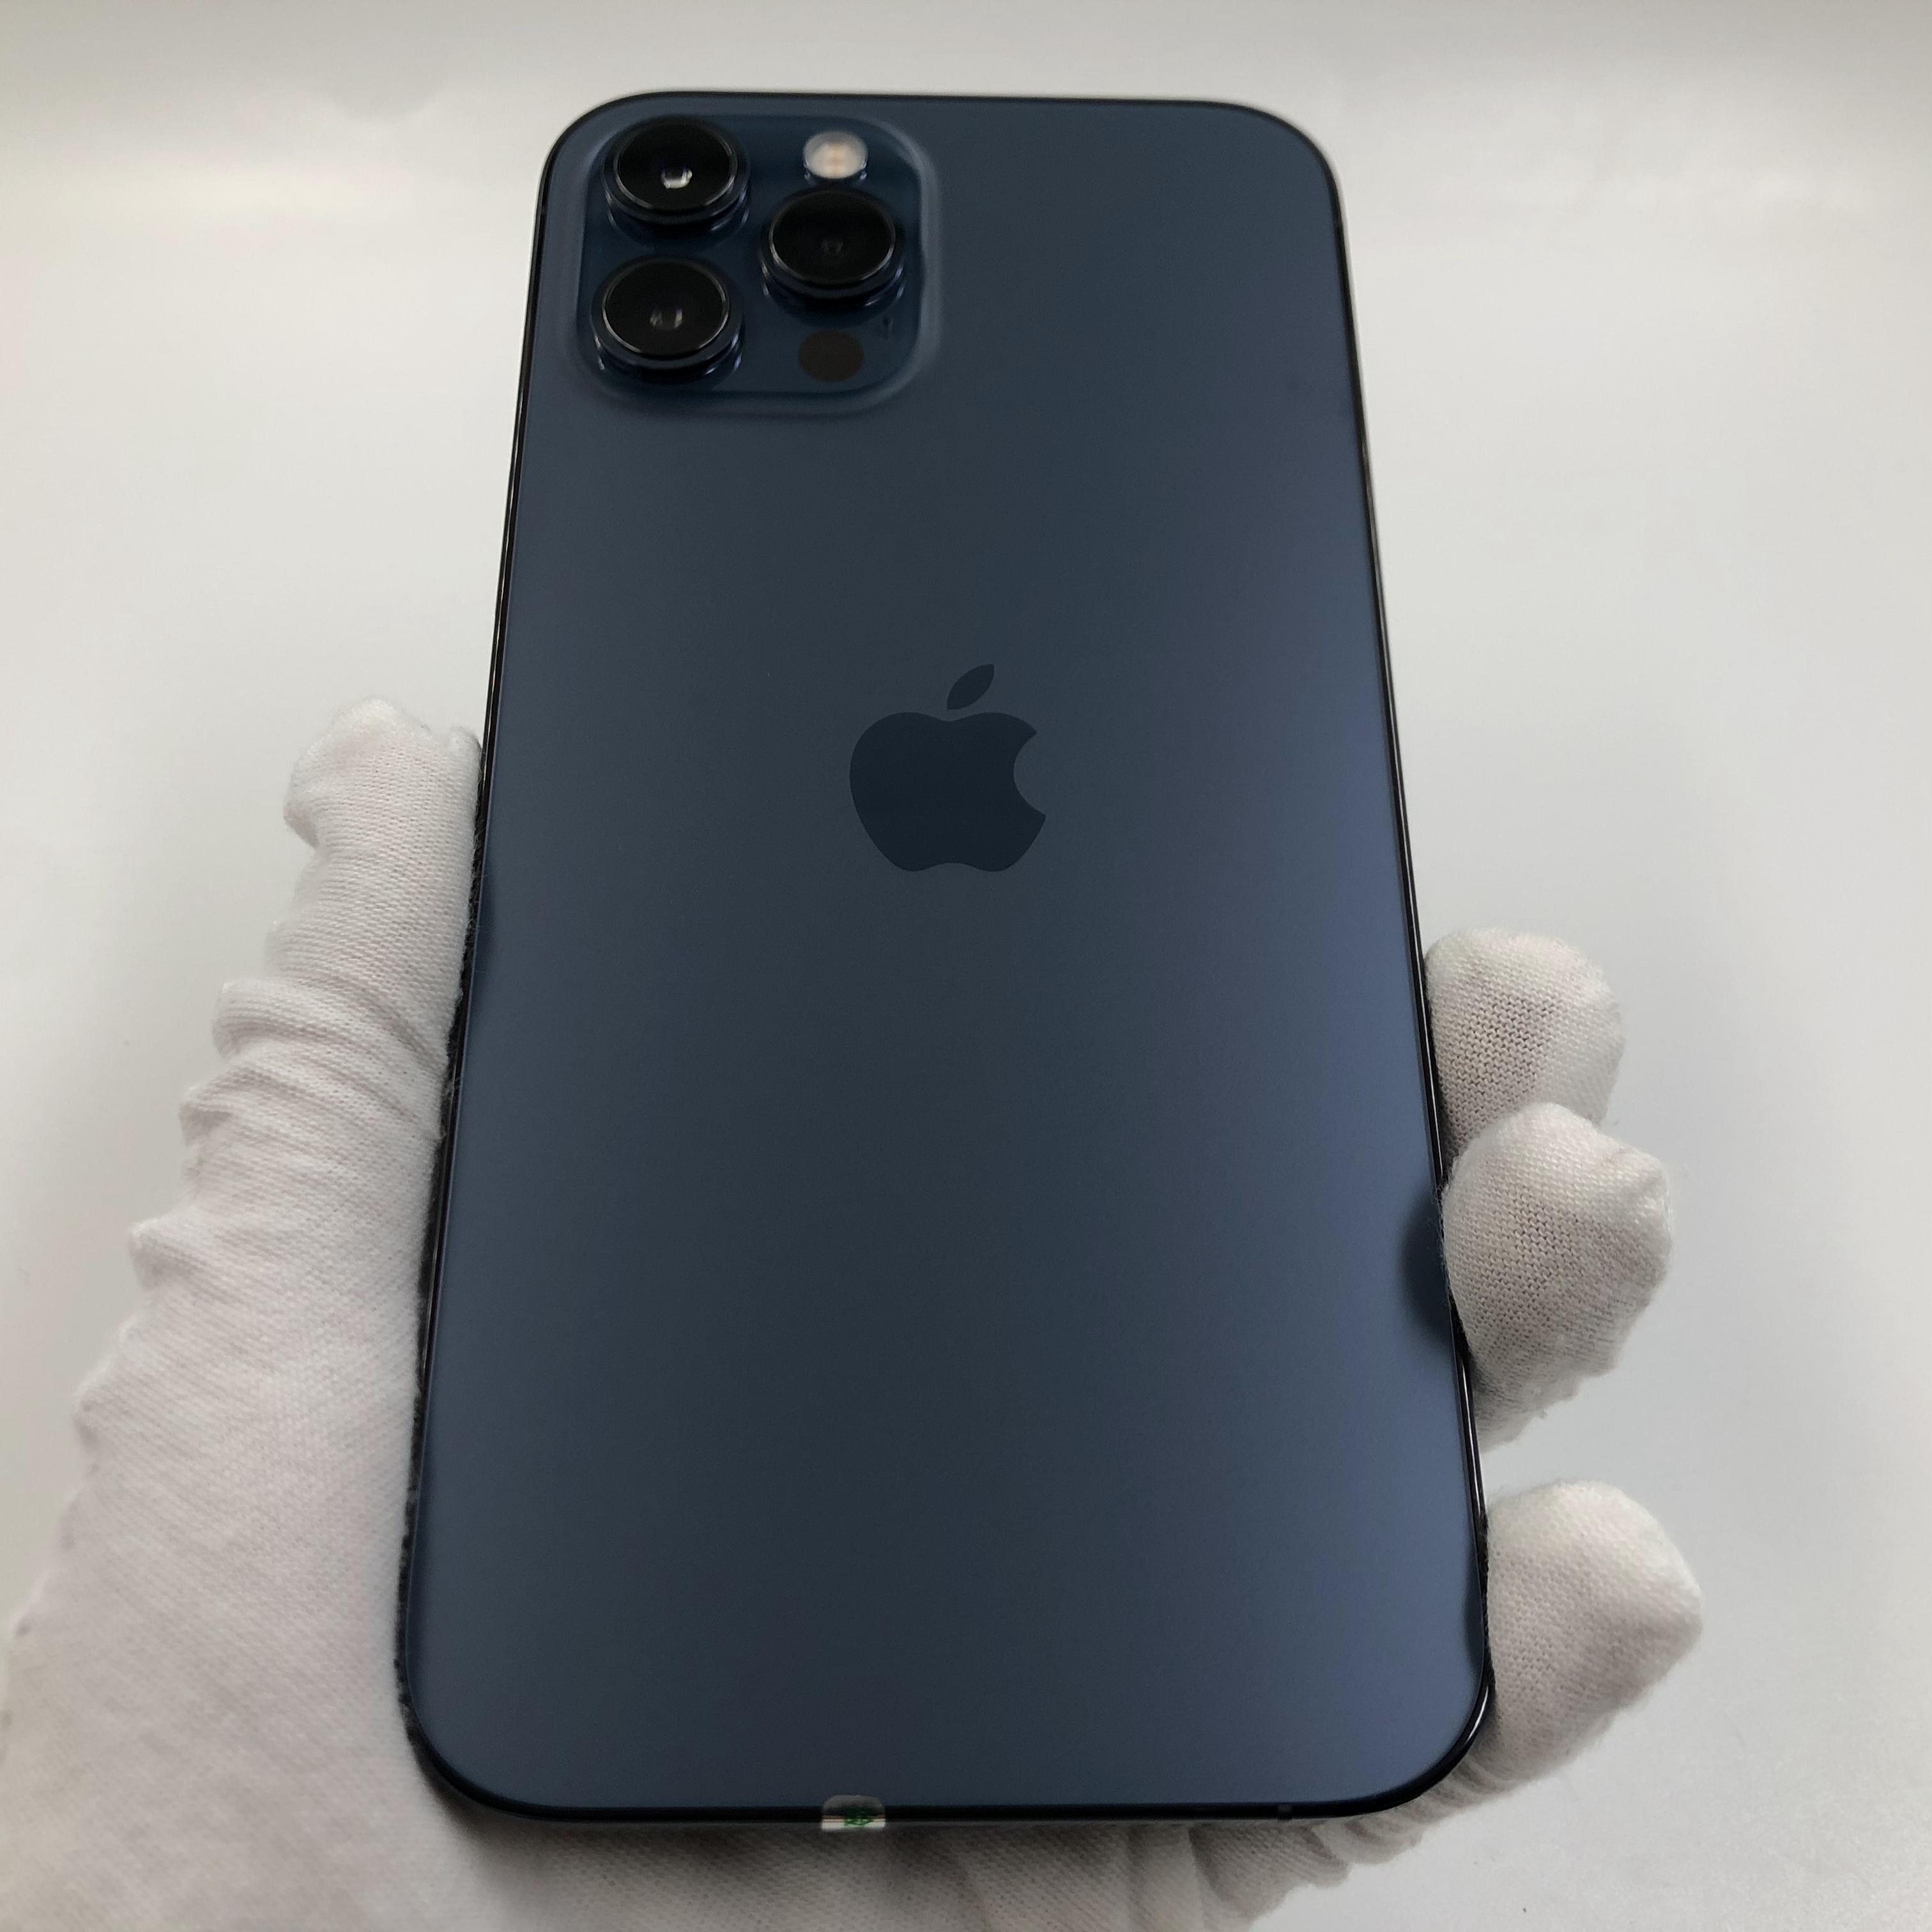 苹果【iPhone 12 Pro Max】5G全网通 海蓝色 512G 国行 95新 真机实拍保修2022-04-25